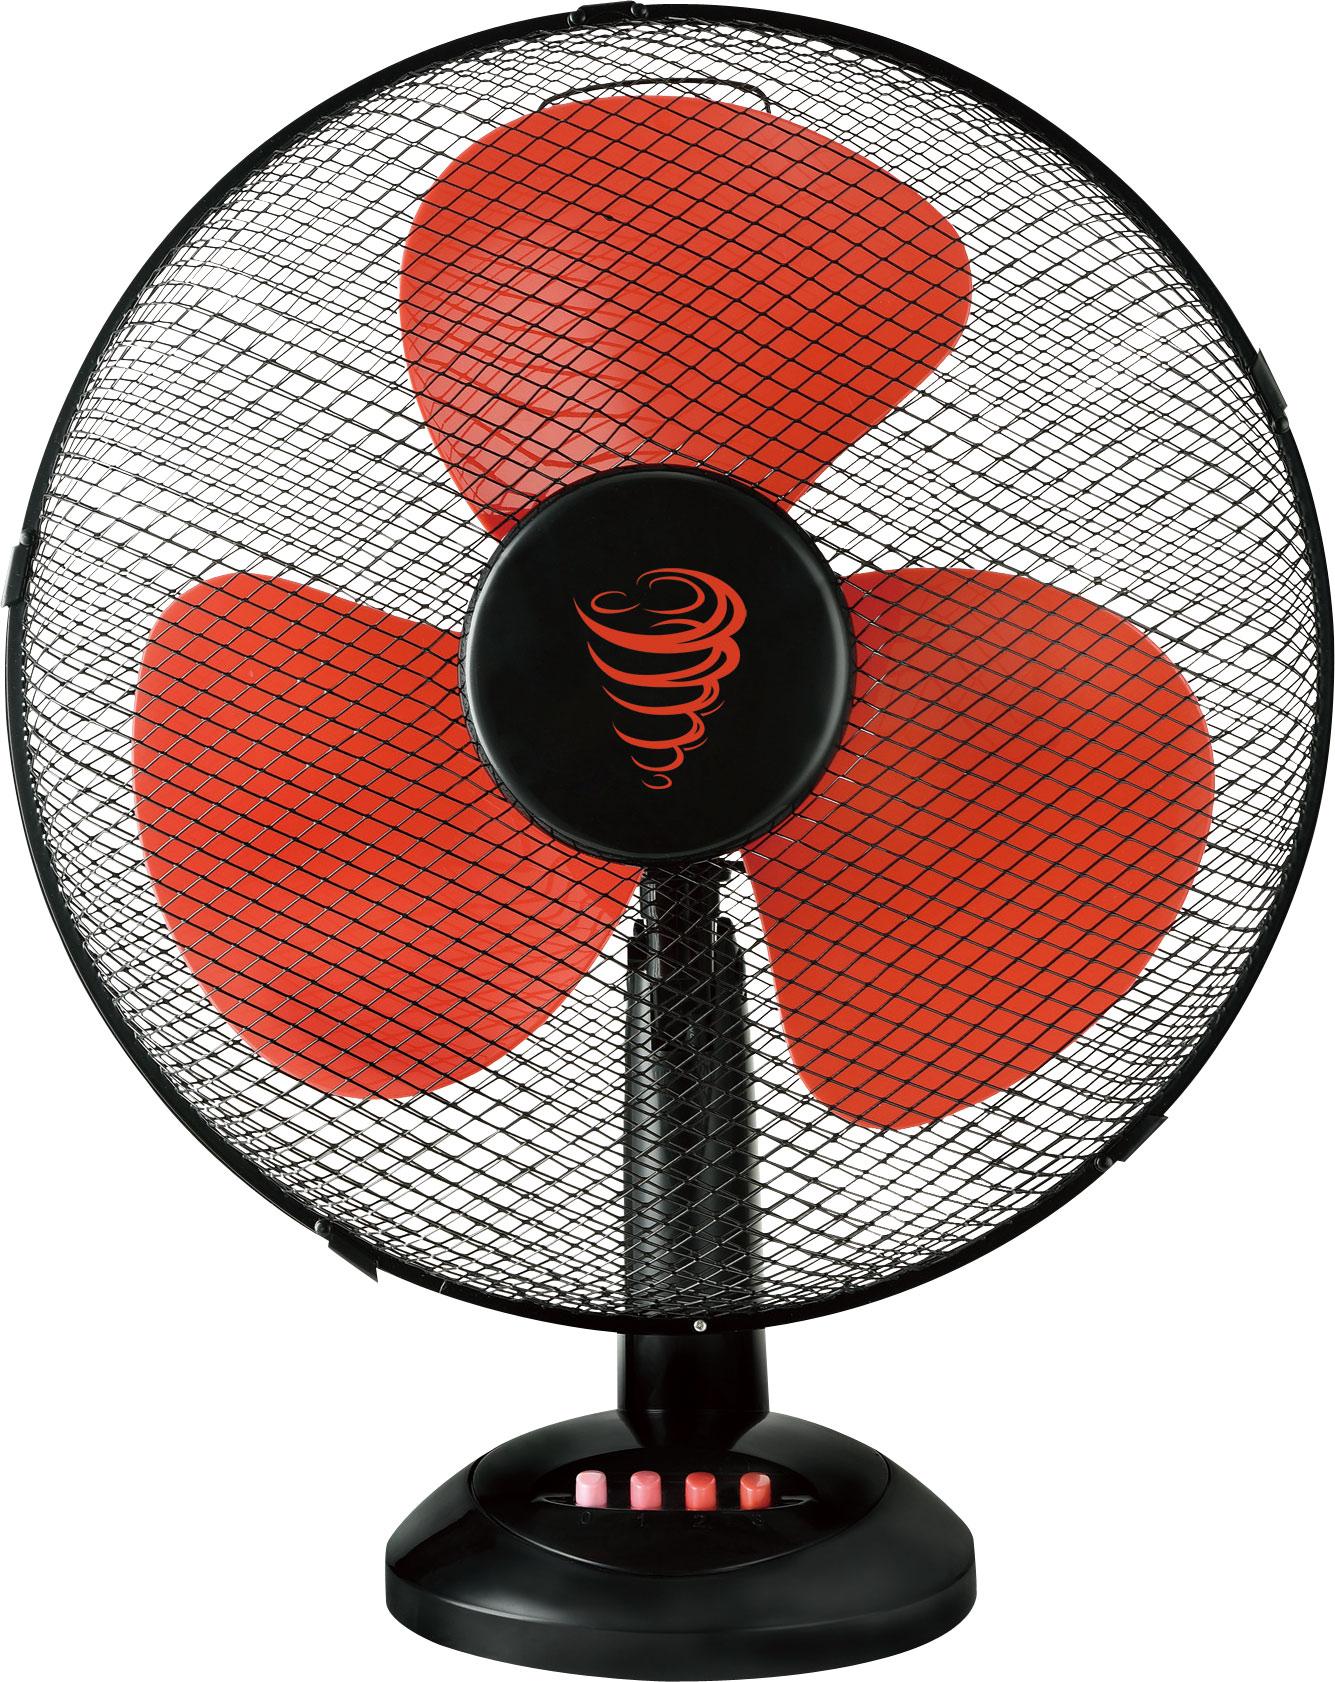 Ventilator Tischgerät | 05413346334220